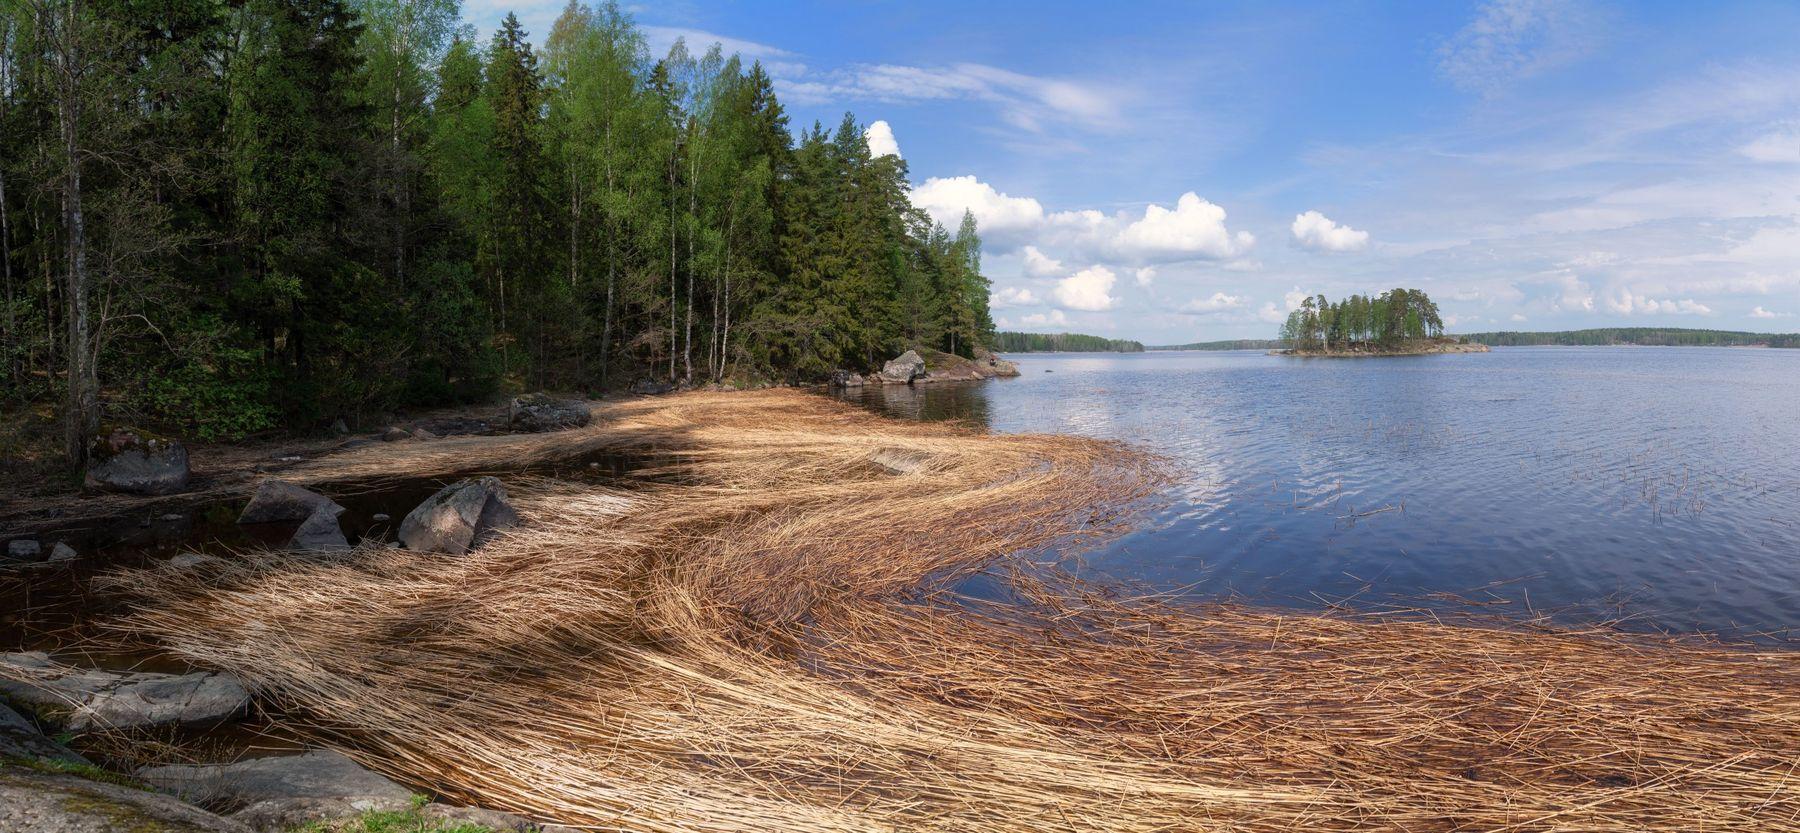 Прошлогодний тростник выборг весна монрепо природа пейзаж